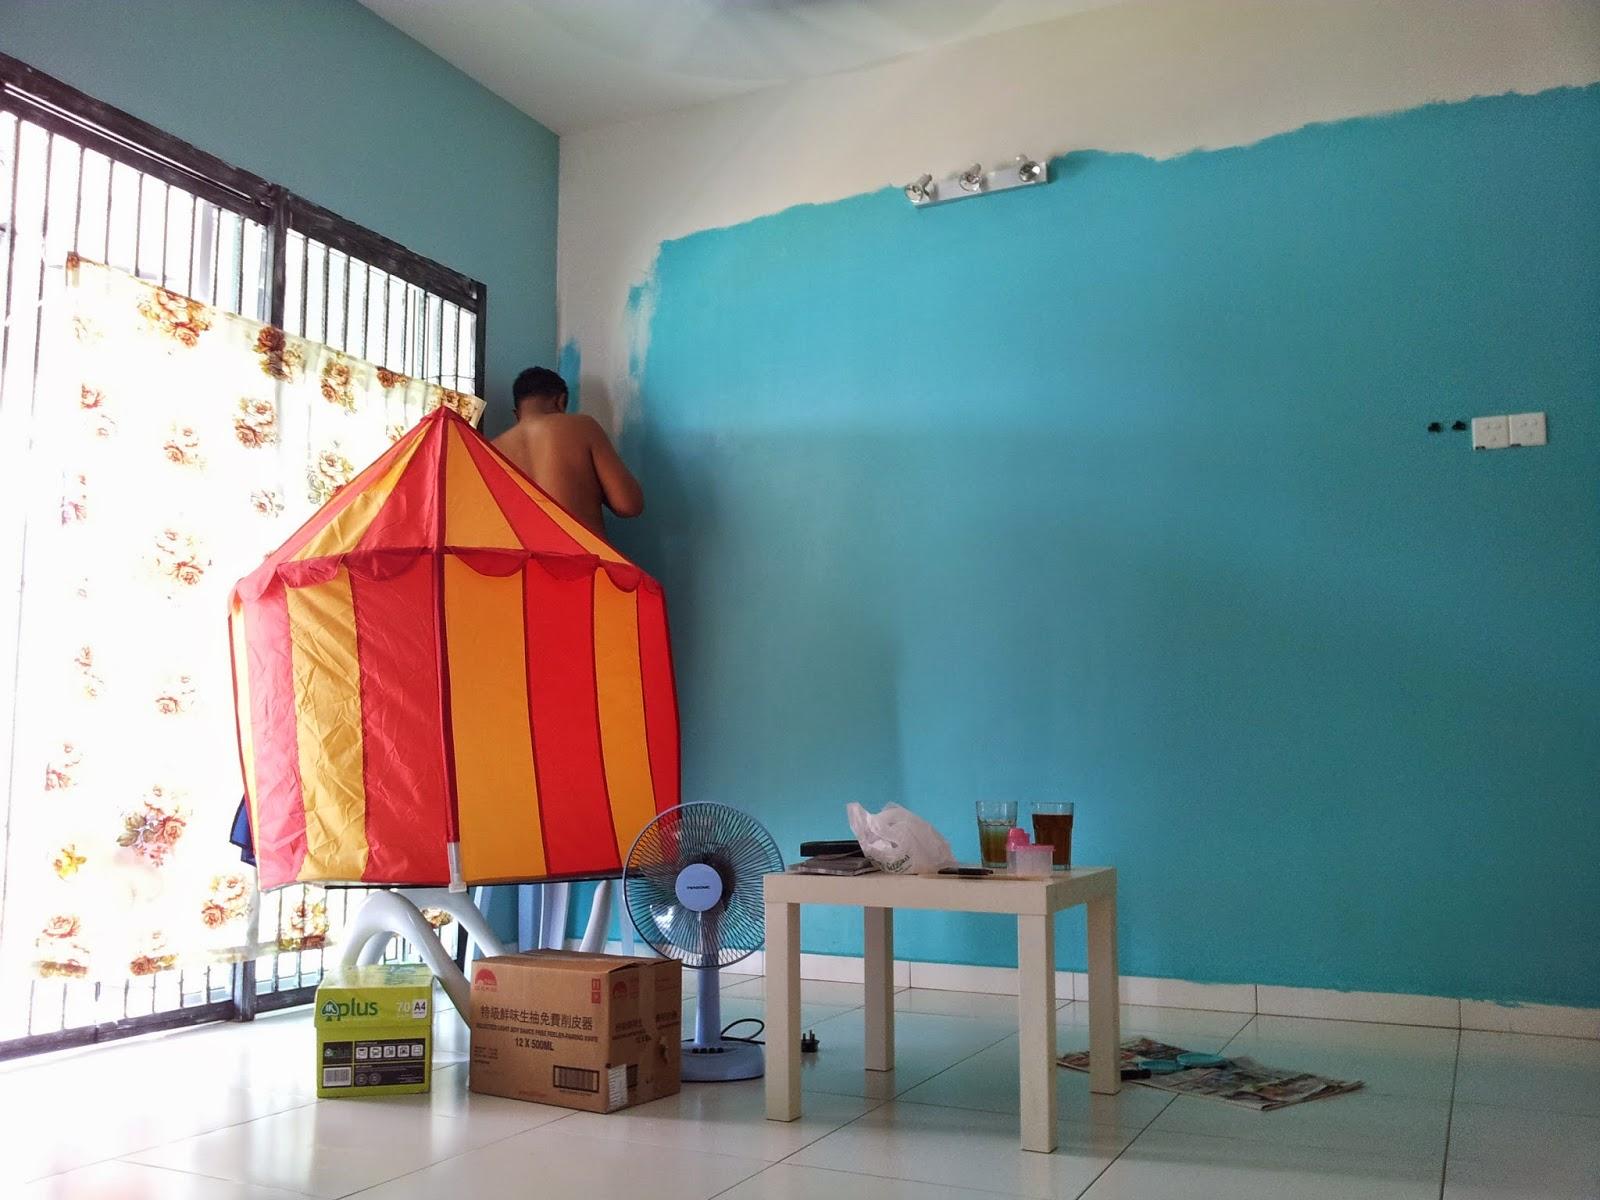 Inilah Warna Feature Wall Umah Kami